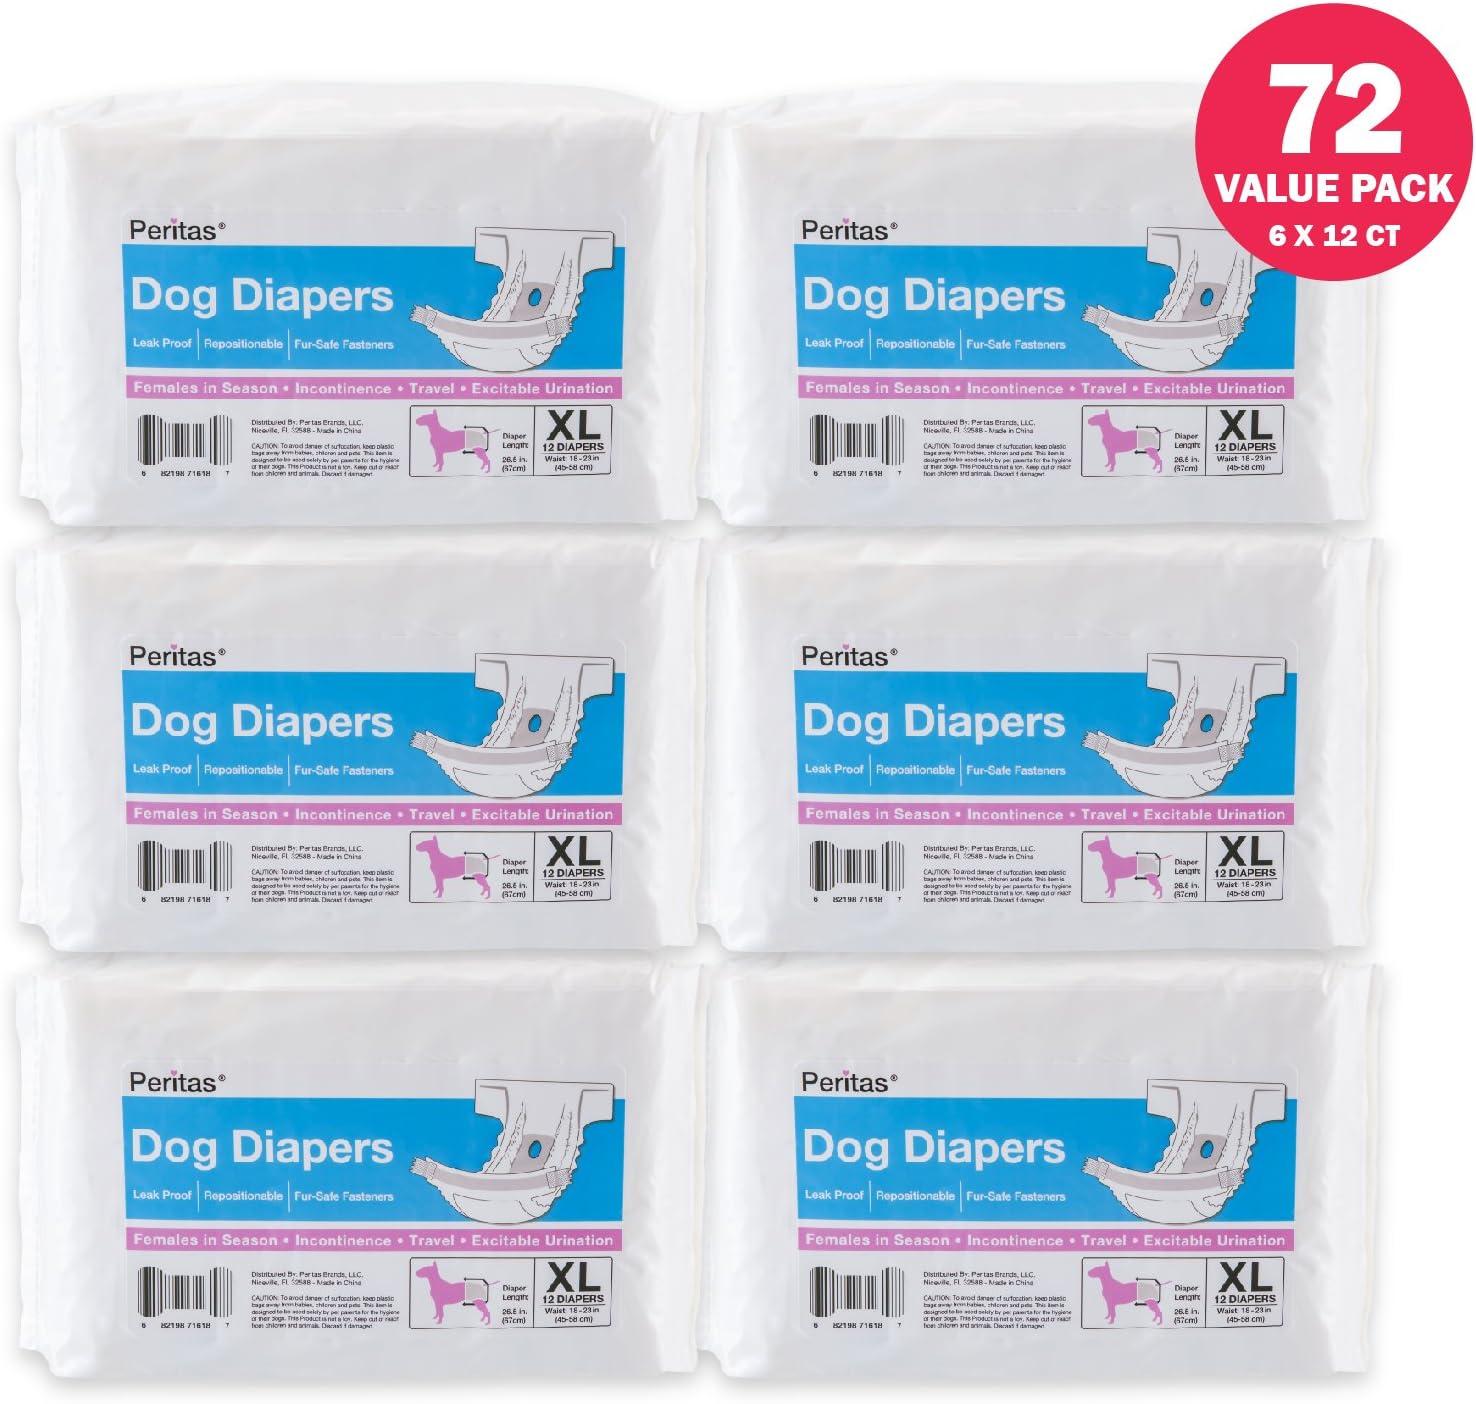 12 Count, Large Peritas Female Disposable Premium Dog Diapers